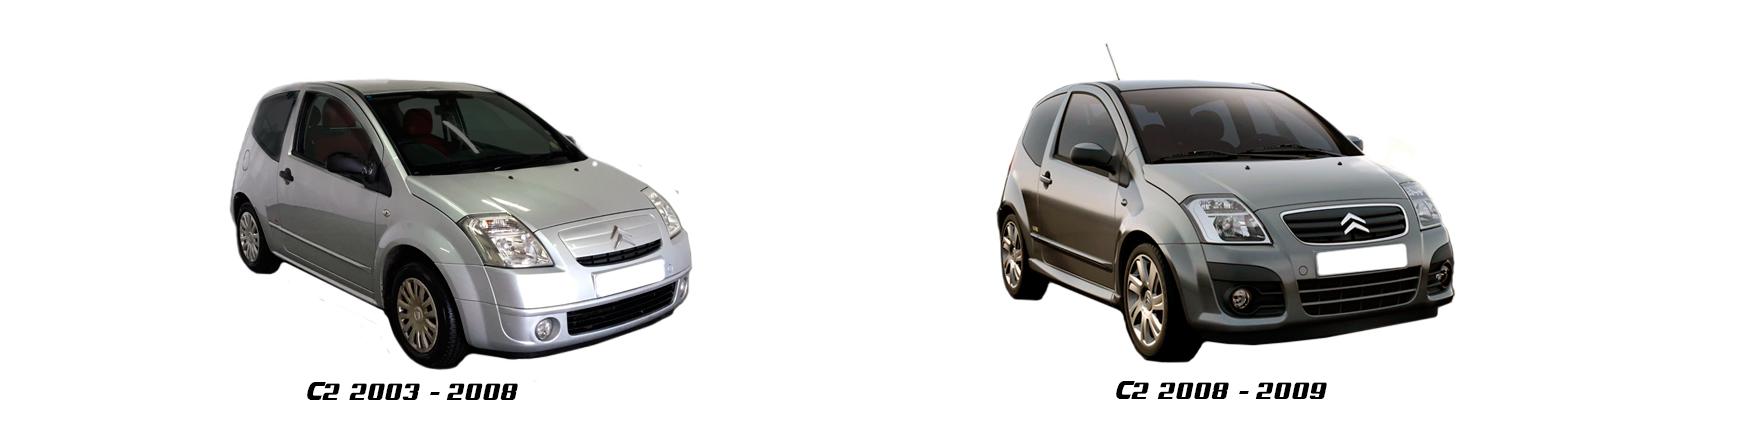 Recambios de Citroën C2 de 2003, 2004, 2005, 2006 y 2007.